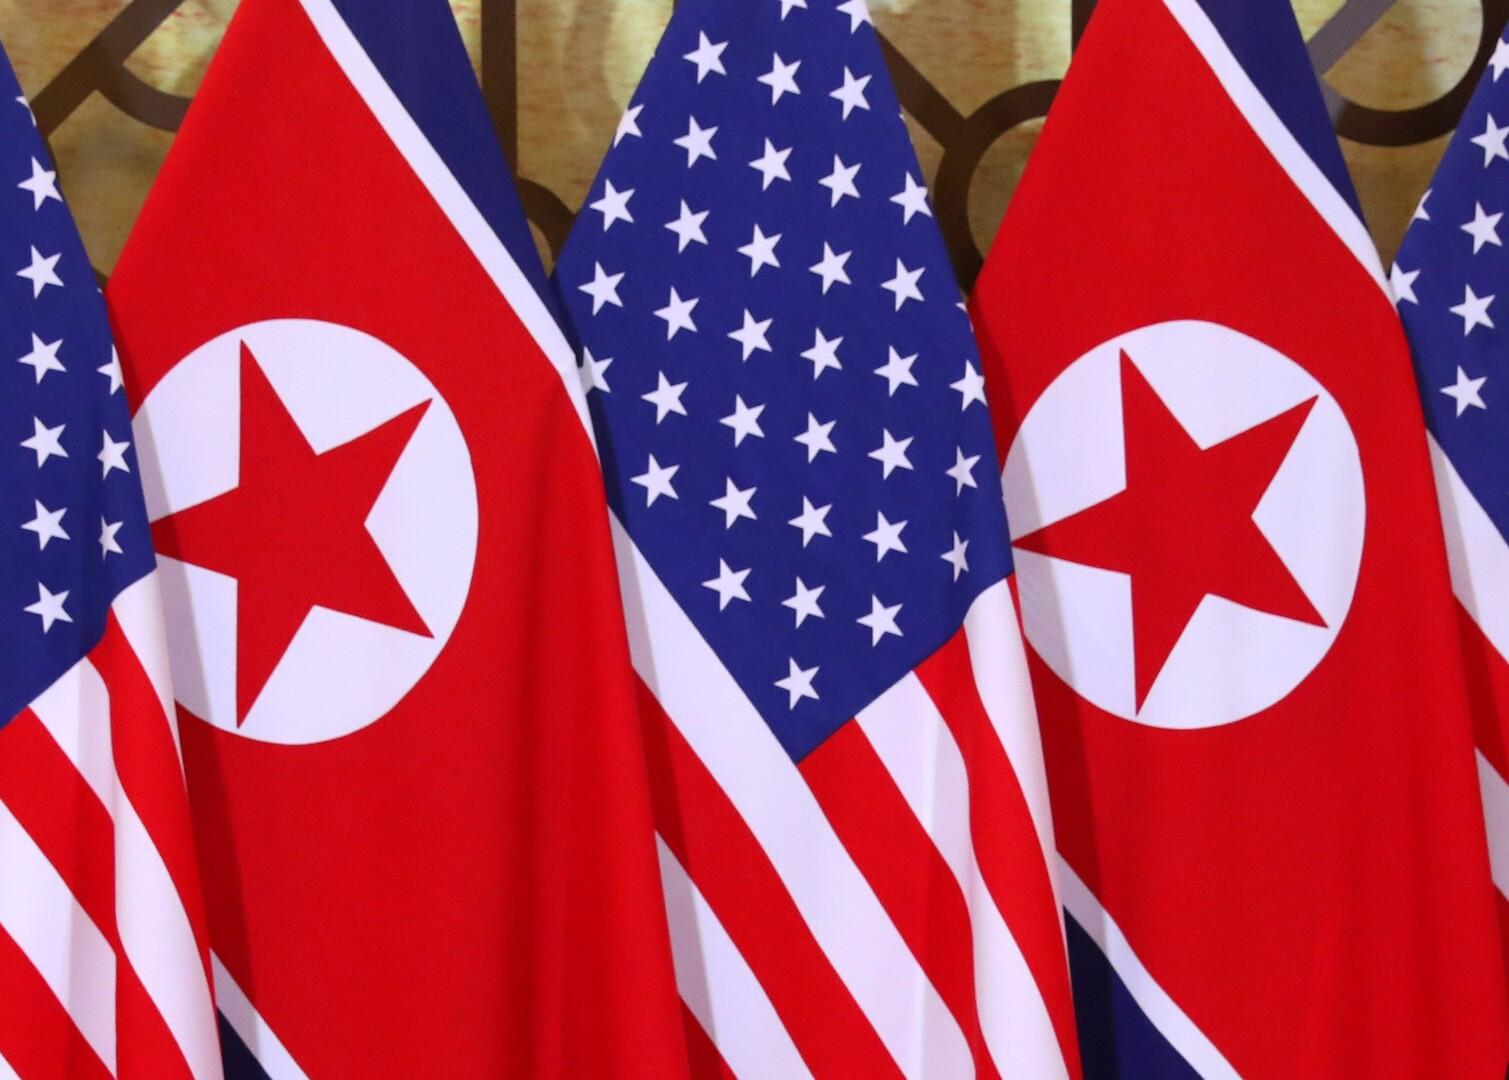 الولايات المتحدة: أجرينا مفاوضات جيدة مع كوريا الشمالية وتعليقها لا يعكس روح المناقشة